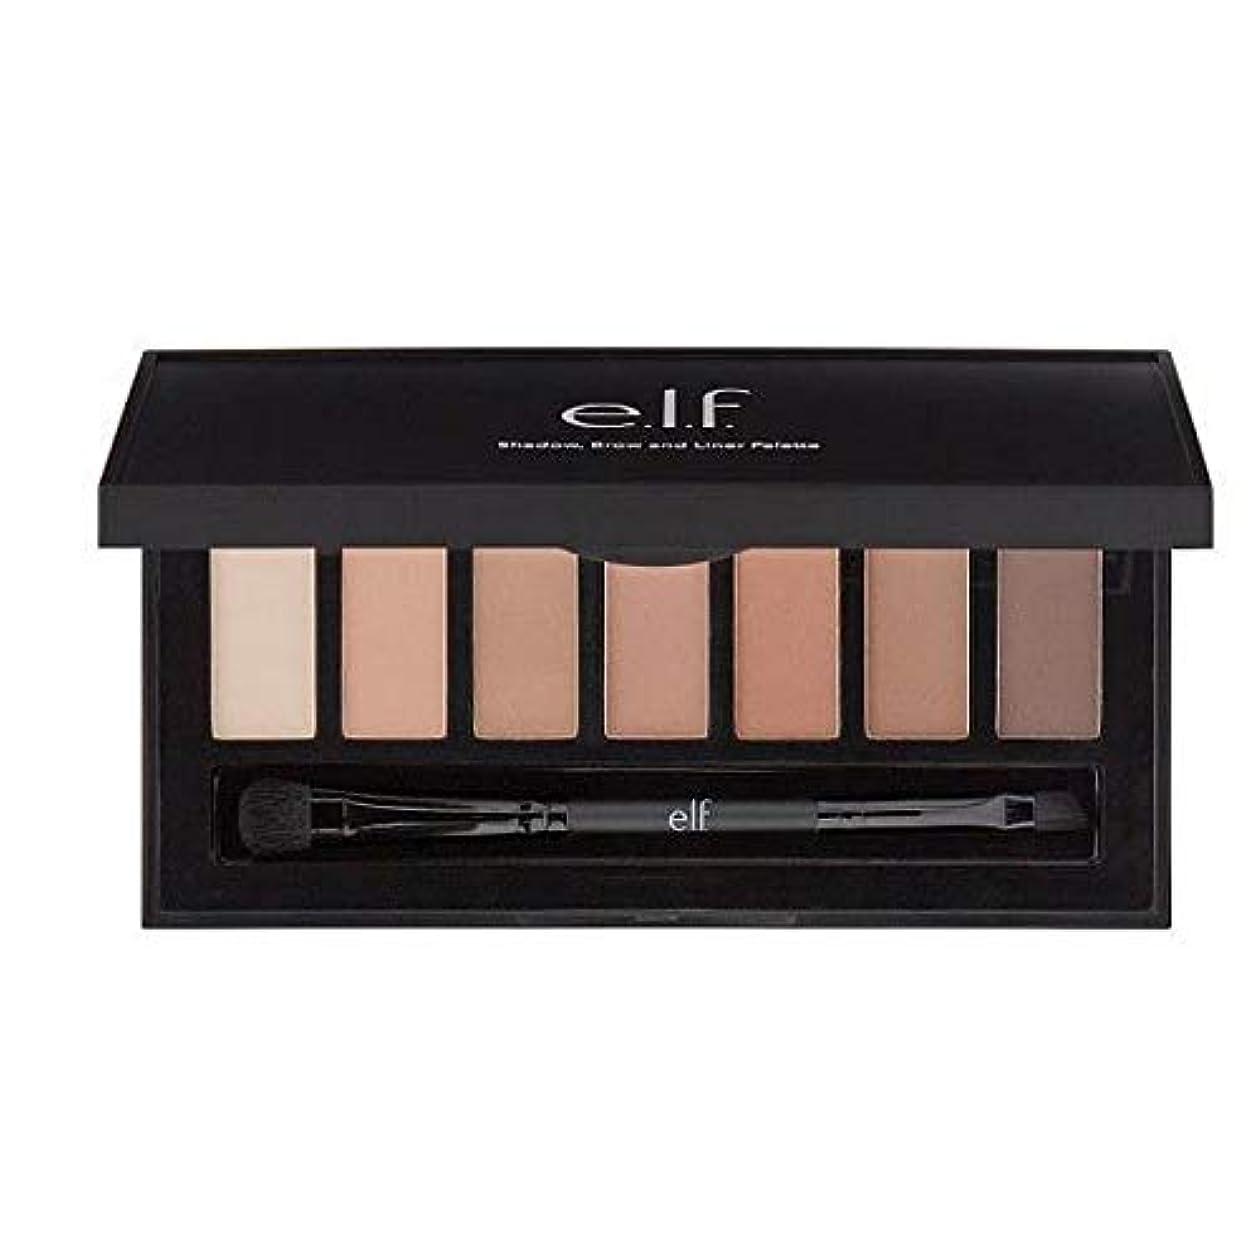 自己尊重特徴流行[Elf ] E.L.F.Matteシャドウ、眉&ライナーパレット - e.l.f.Matte Shadow, Brow & Liner Palette [並行輸入品]